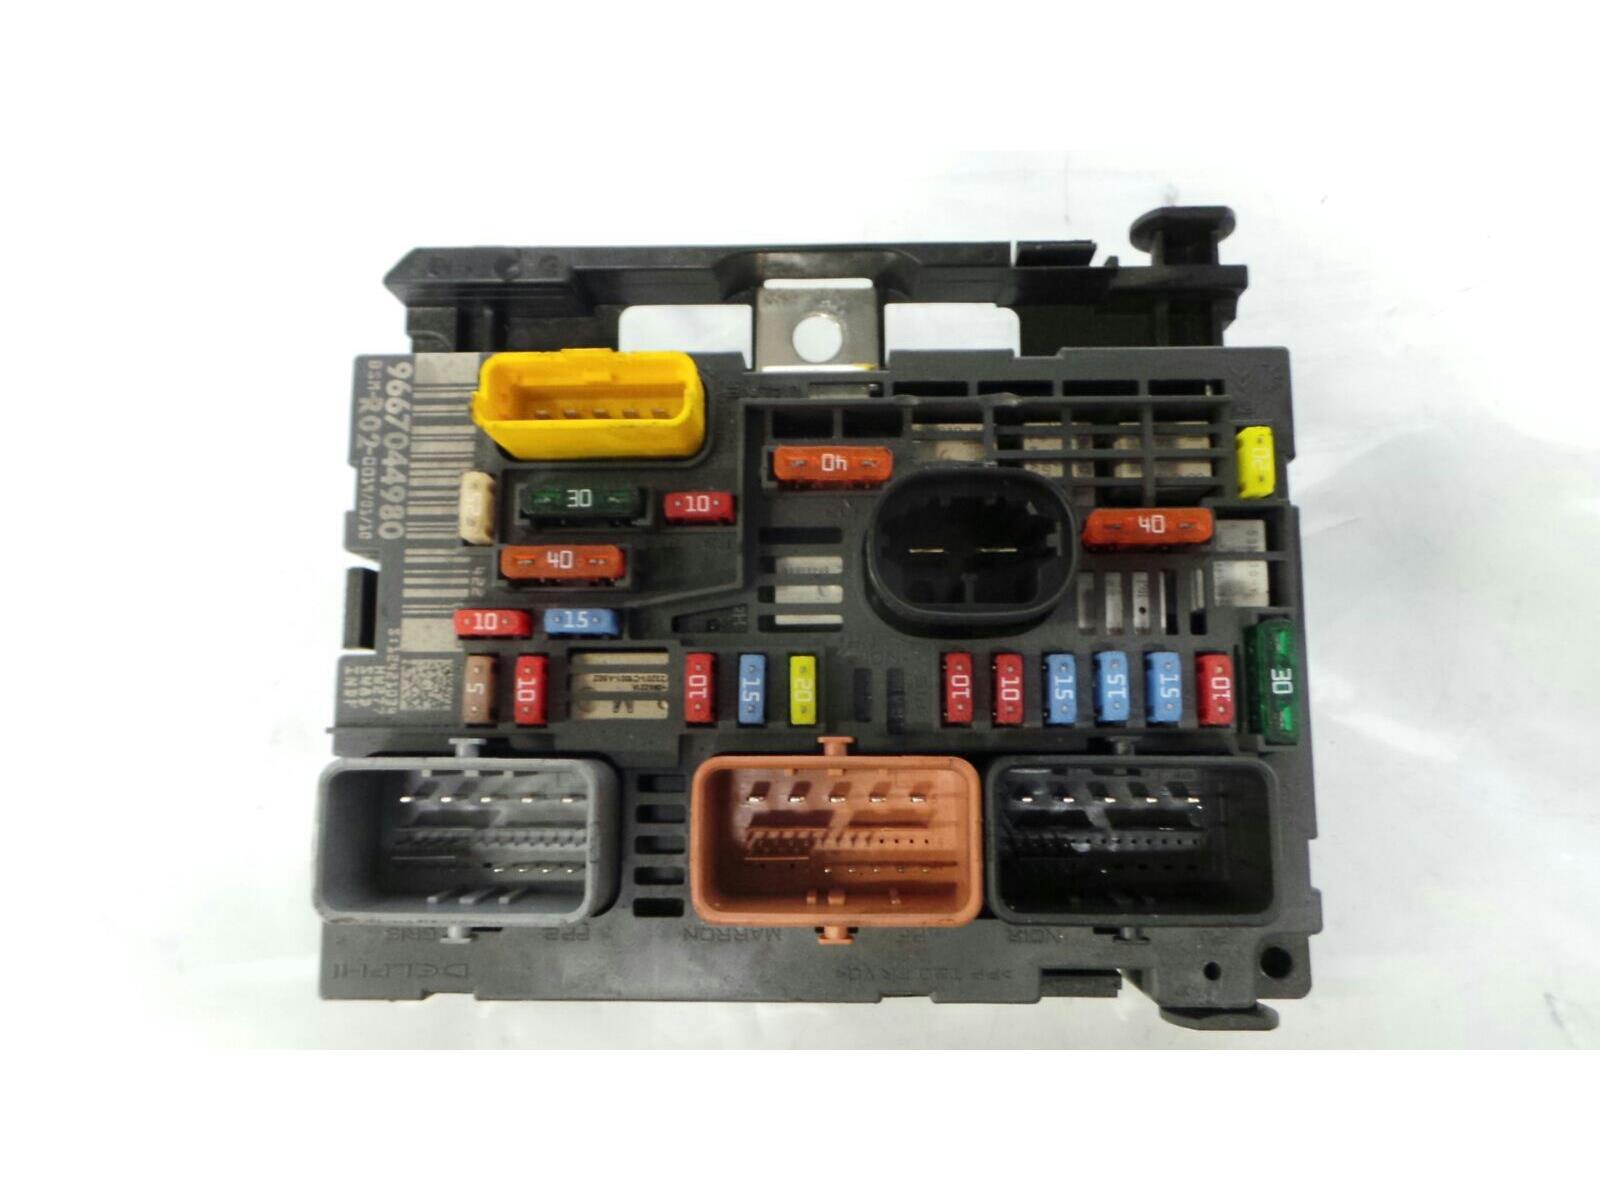 fuse board 2004 to 2008 peugeot 407 diesel fuse box & warranty -